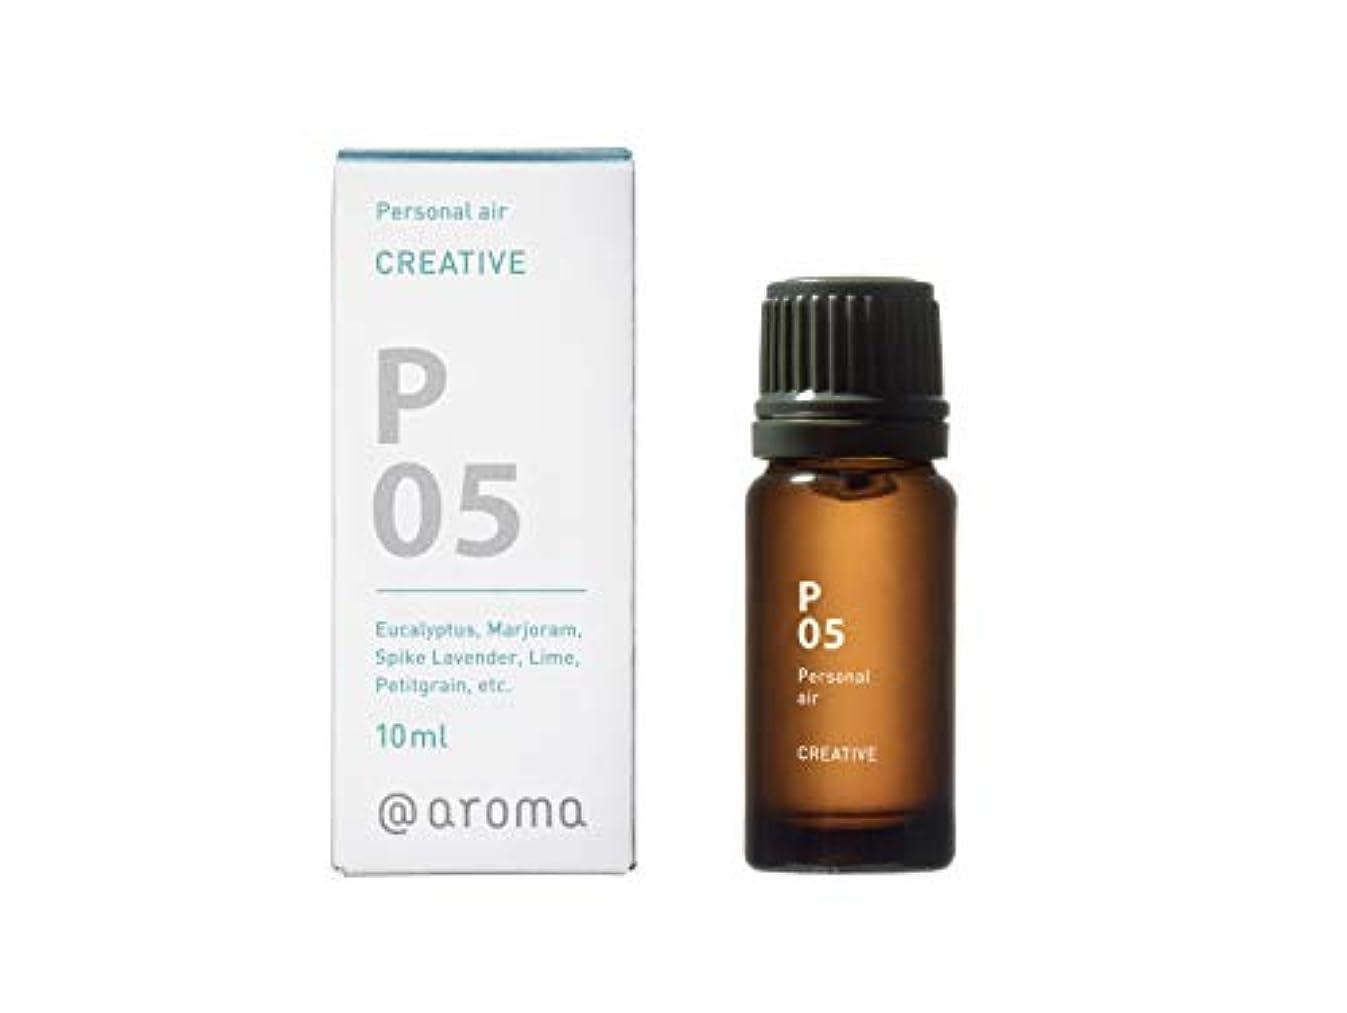 識字なる霧P05 CREATIVE Personal air 10ml